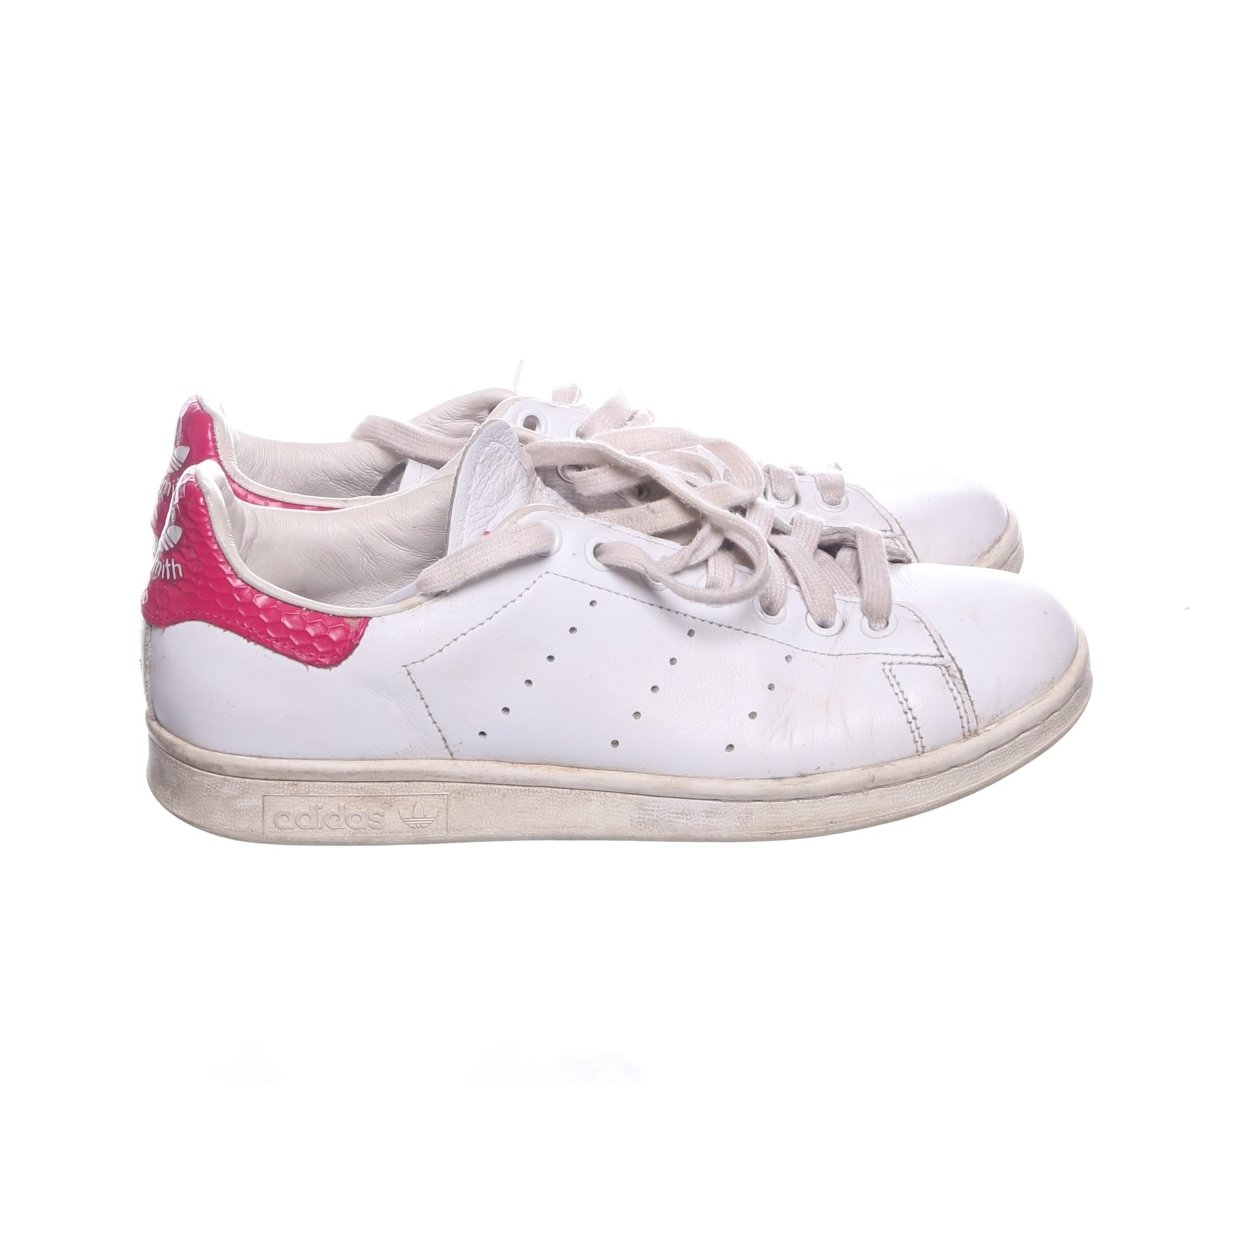 b5a0dd516a5e Adidas, Sneakers, Strl: 39, Stan Smith, V.. (354135865) ᐈ Sellpy på ...